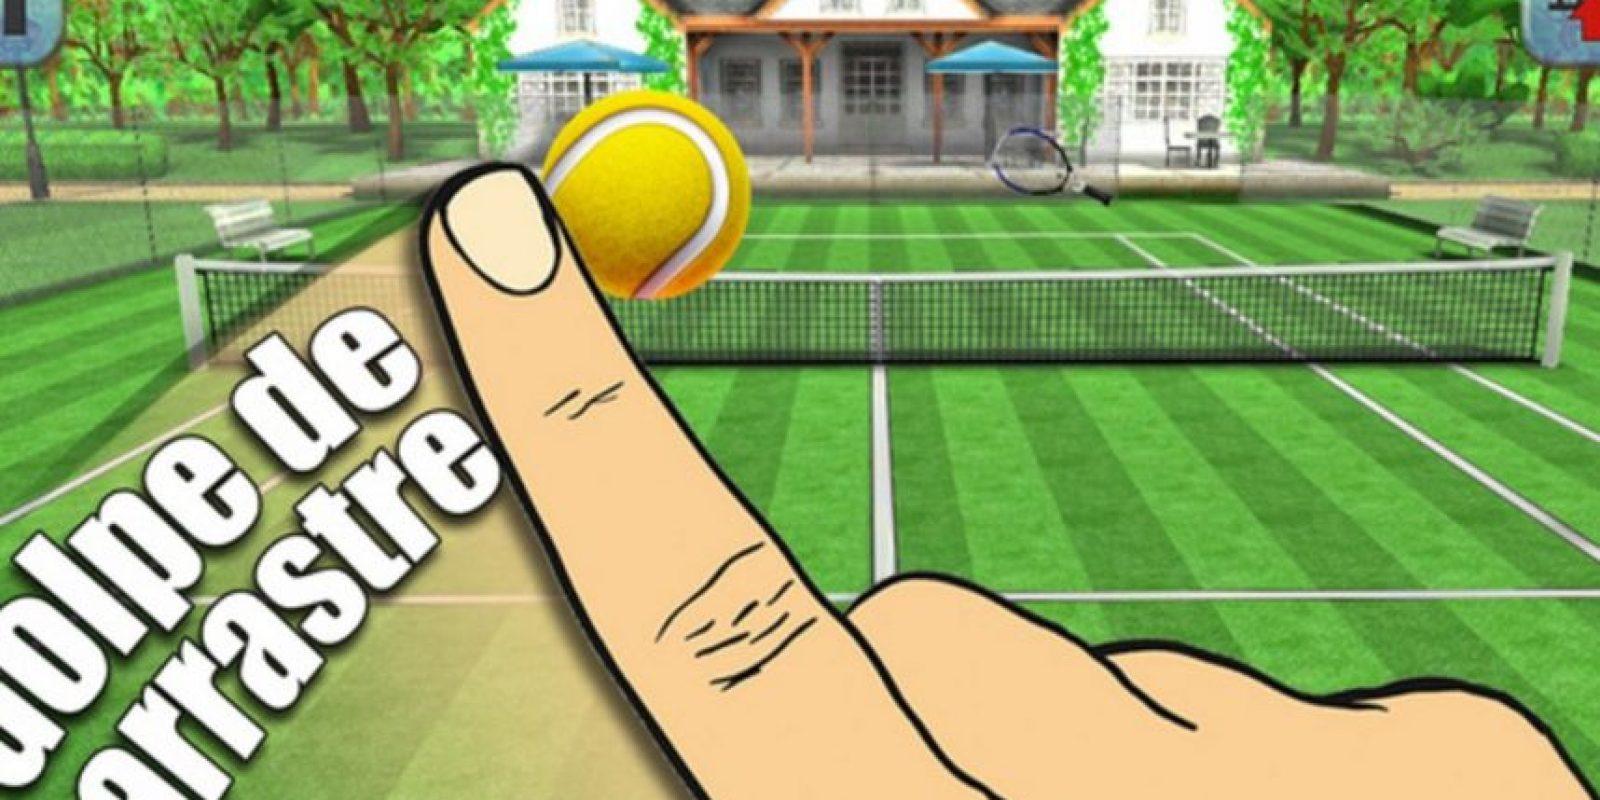 Hit Tenis 3 Foto:Focused Apps LLC